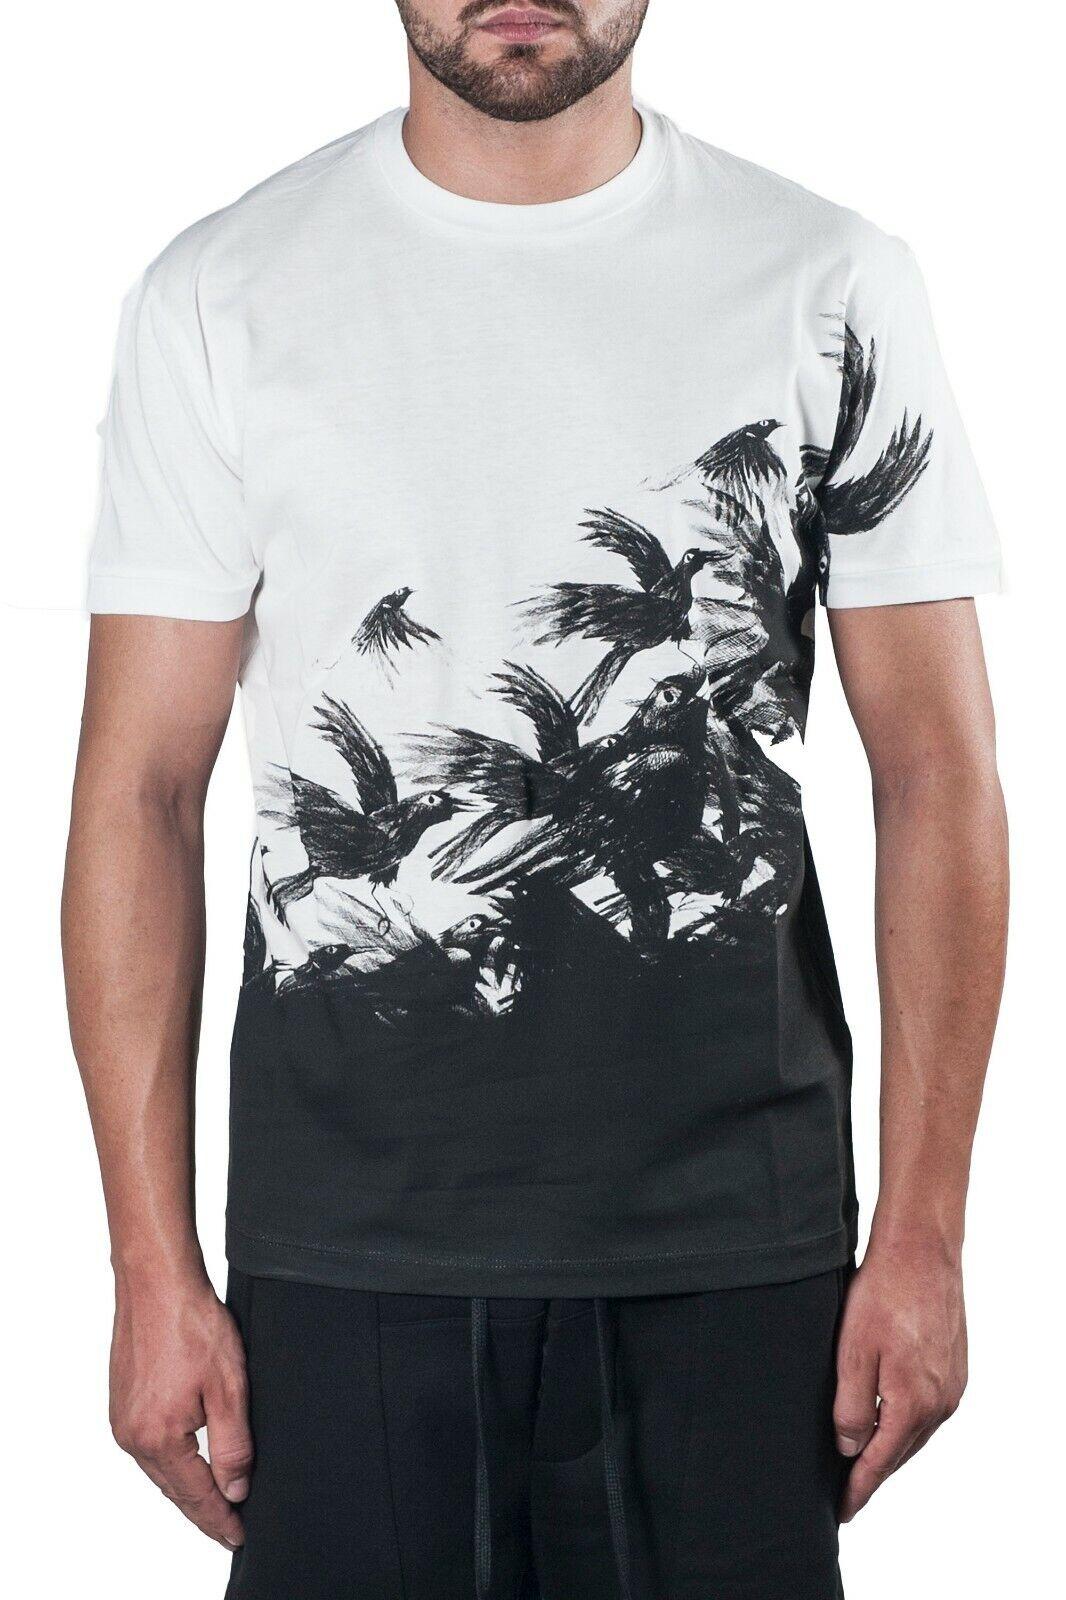 BNWT Dsqaured 2 Stampa Bianco T-shirt T-shirt di grandi dimensioni ITALIANA fatta